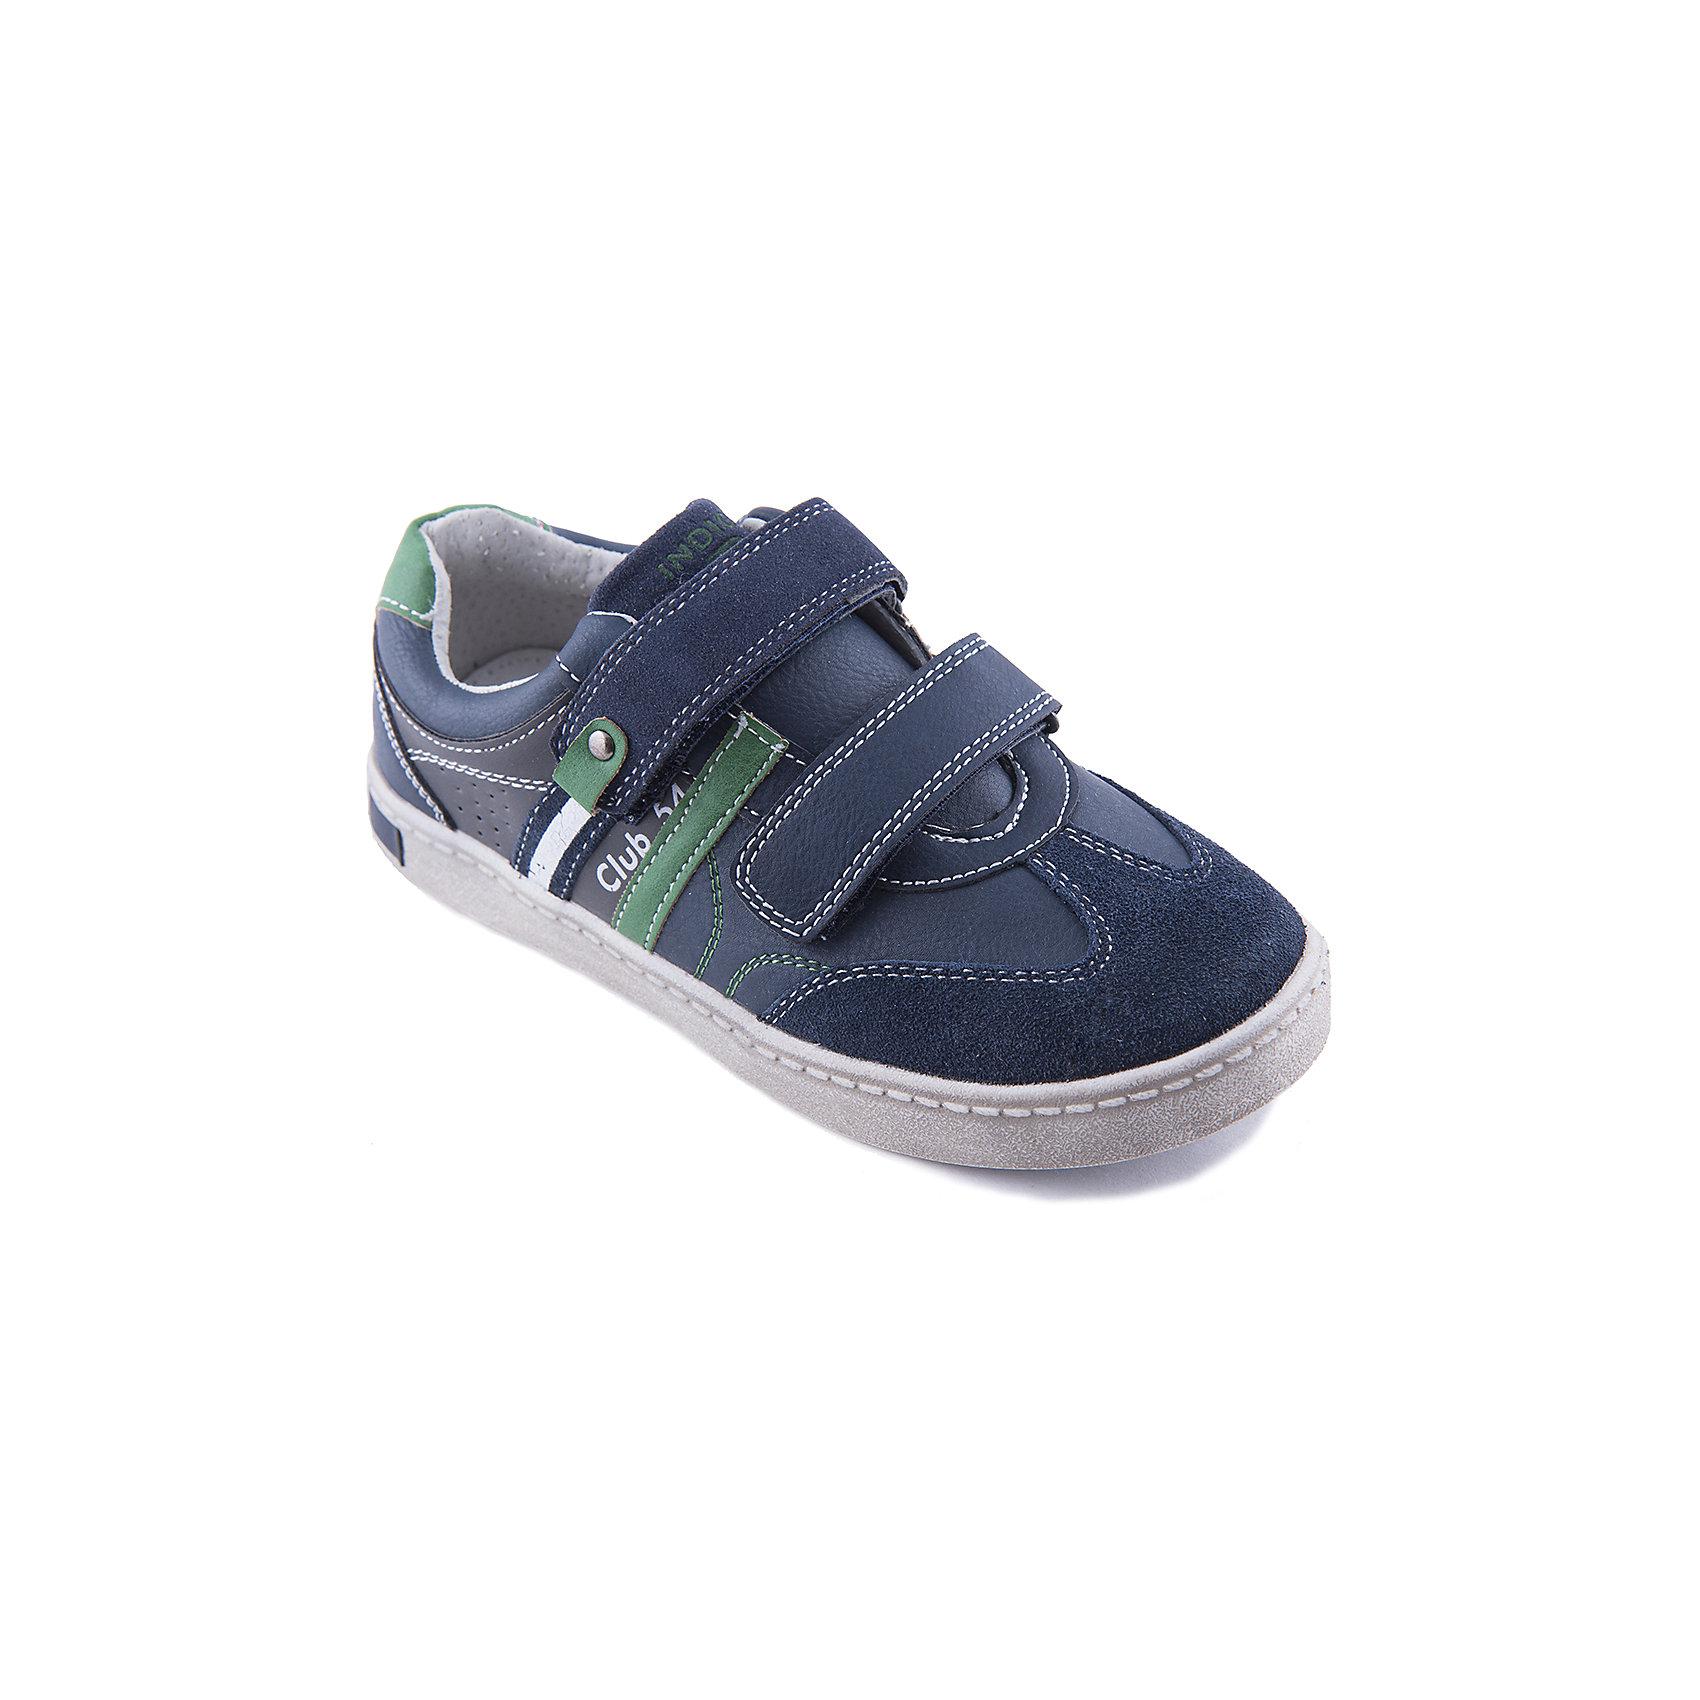 Кеды для мальчика Indigo kidsКеды для мальчика от популярной марки Indigo kids.<br>Модные синие кеды на липучках – это удобная и практичная обувь. Они отлично сочетаются с джинсами и со спортивной одеждой.<br>Отличительные особенности модели:<br>- практичная расцветка;<br>- стильный дизайн;<br>- комфортная колодка;<br>- удобная устойчивая подошва;<br>- материал позволяет коже ног дышать;<br>- застегиваются на две липучки;<br>- качественная подкладка из натуральной кожи;<br>- декорированы цветными вставками из кожи.<br>Дополнительная информация:<br>- Сезон: демисезонные.<br>- Состав:<br>материал верха: искусственная кожа/натуральная кожа<br>материал подкладки: натуральная кожа<br>подошва: ТЭП.<br>Кеды для мальчика Indigo kids (Индиго кидс) можно купить в нашем магазине.<br><br>Ширина мм: 262<br>Глубина мм: 176<br>Высота мм: 97<br>Вес г: 427<br>Цвет: синий<br>Возраст от месяцев: 144<br>Возраст до месяцев: 156<br>Пол: Мужской<br>Возраст: Детский<br>Размер: 36,34,33,35,32,31<br>SKU: 4202978